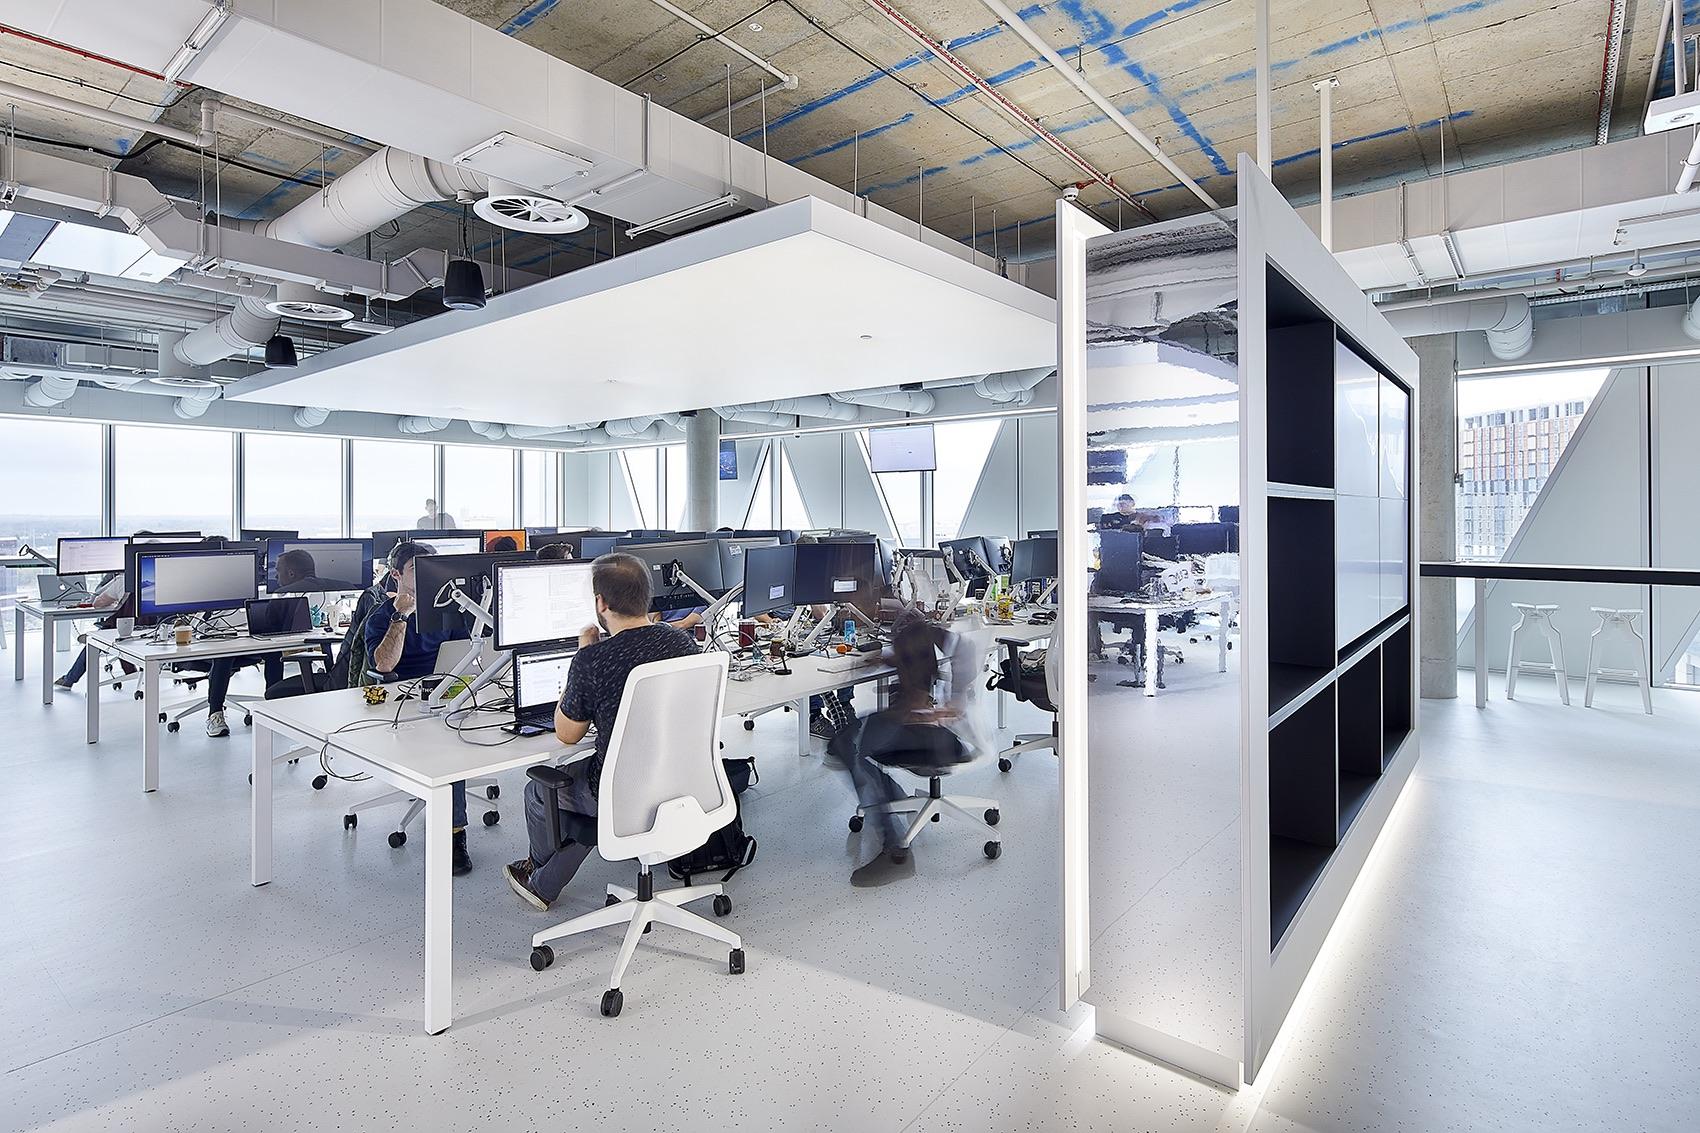 ingenuity-thg-office-6